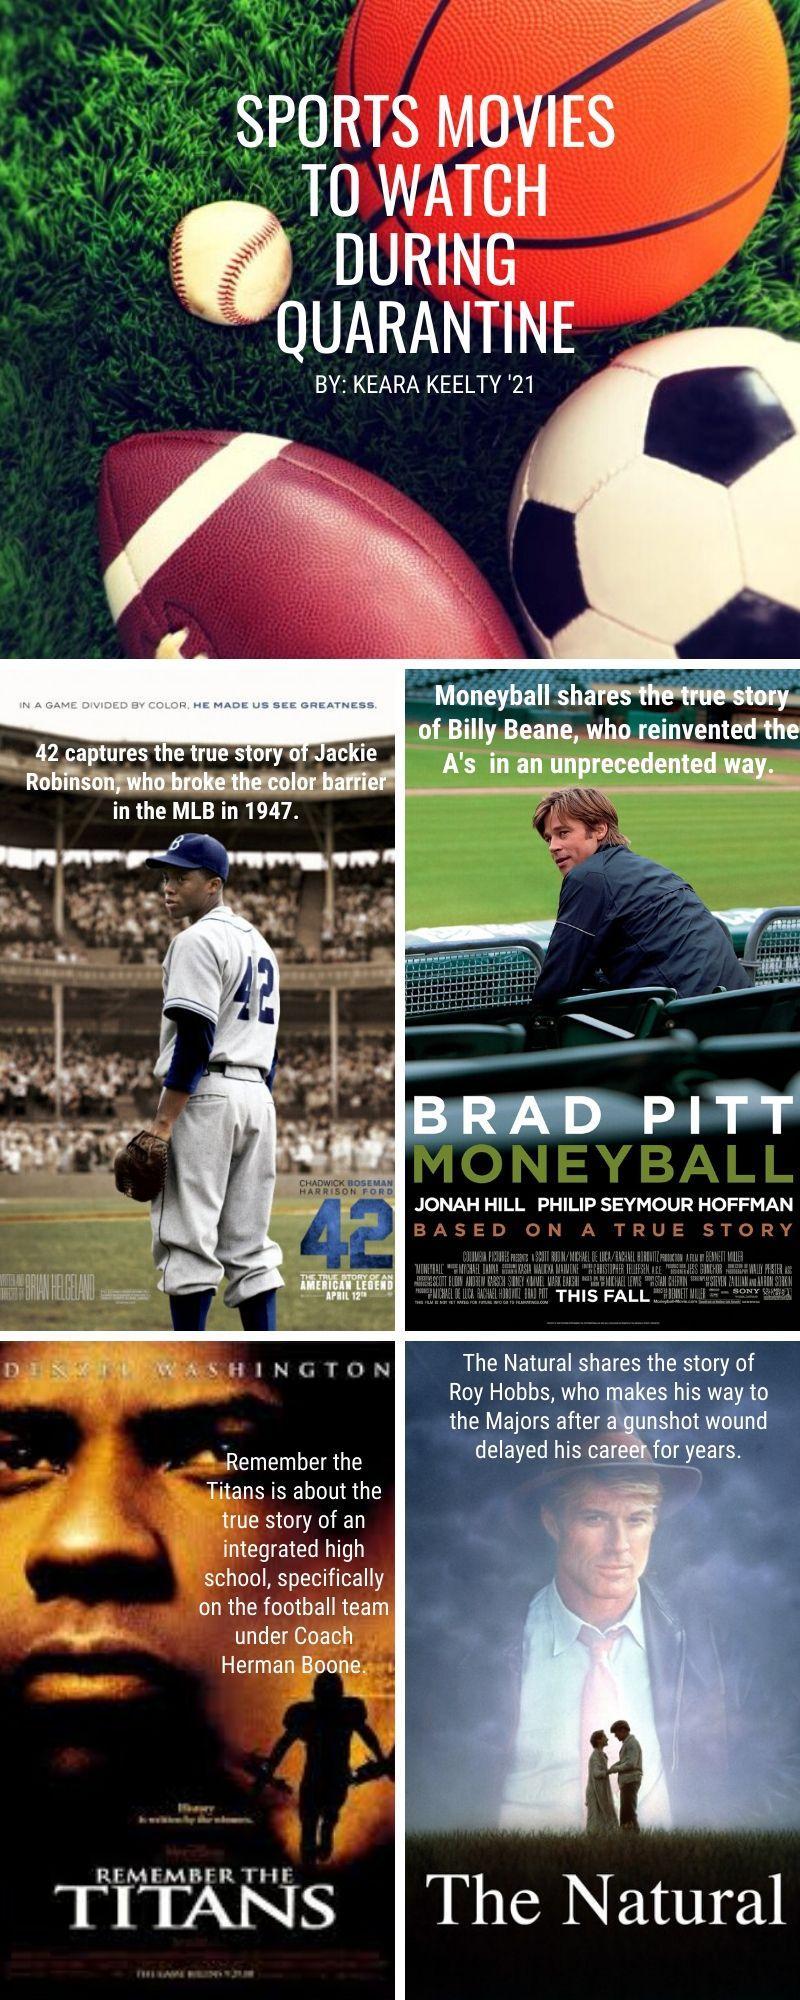 sports movie graphic - Keara Keelty